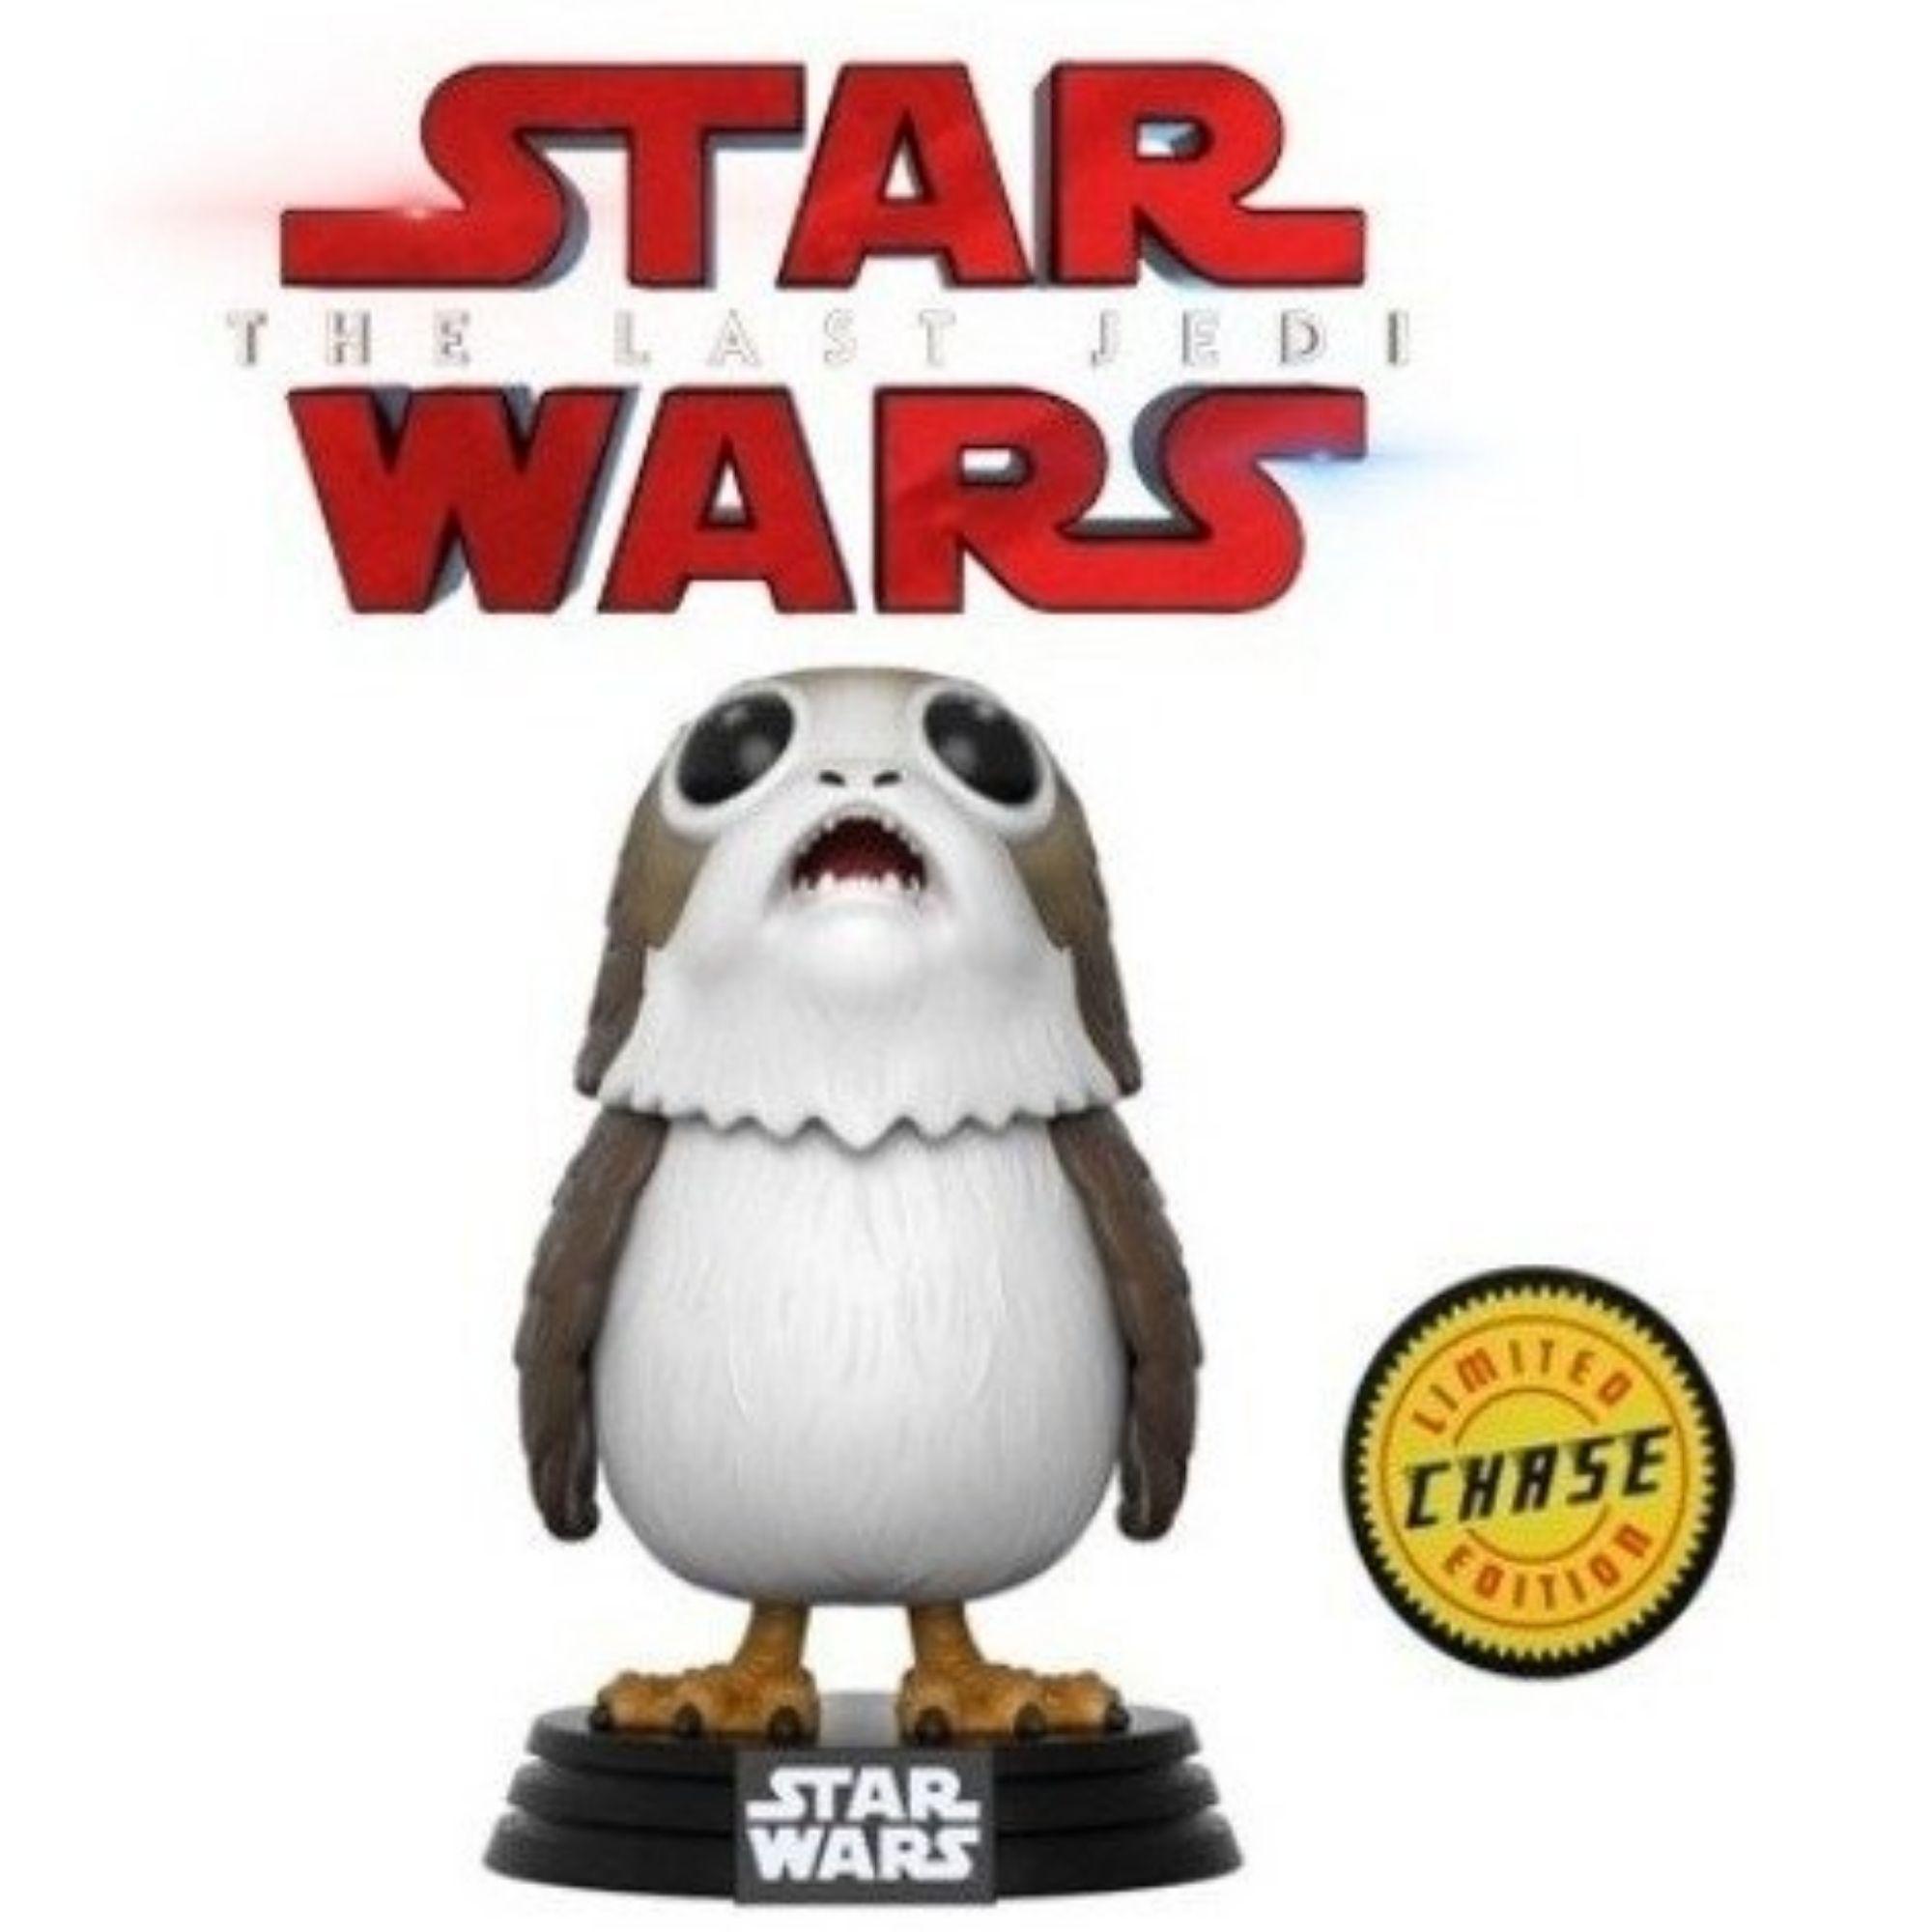 Boneco Funko Pop Star Wars Porg #198 Chase Edição Limitada  - Game Land Brinquedos